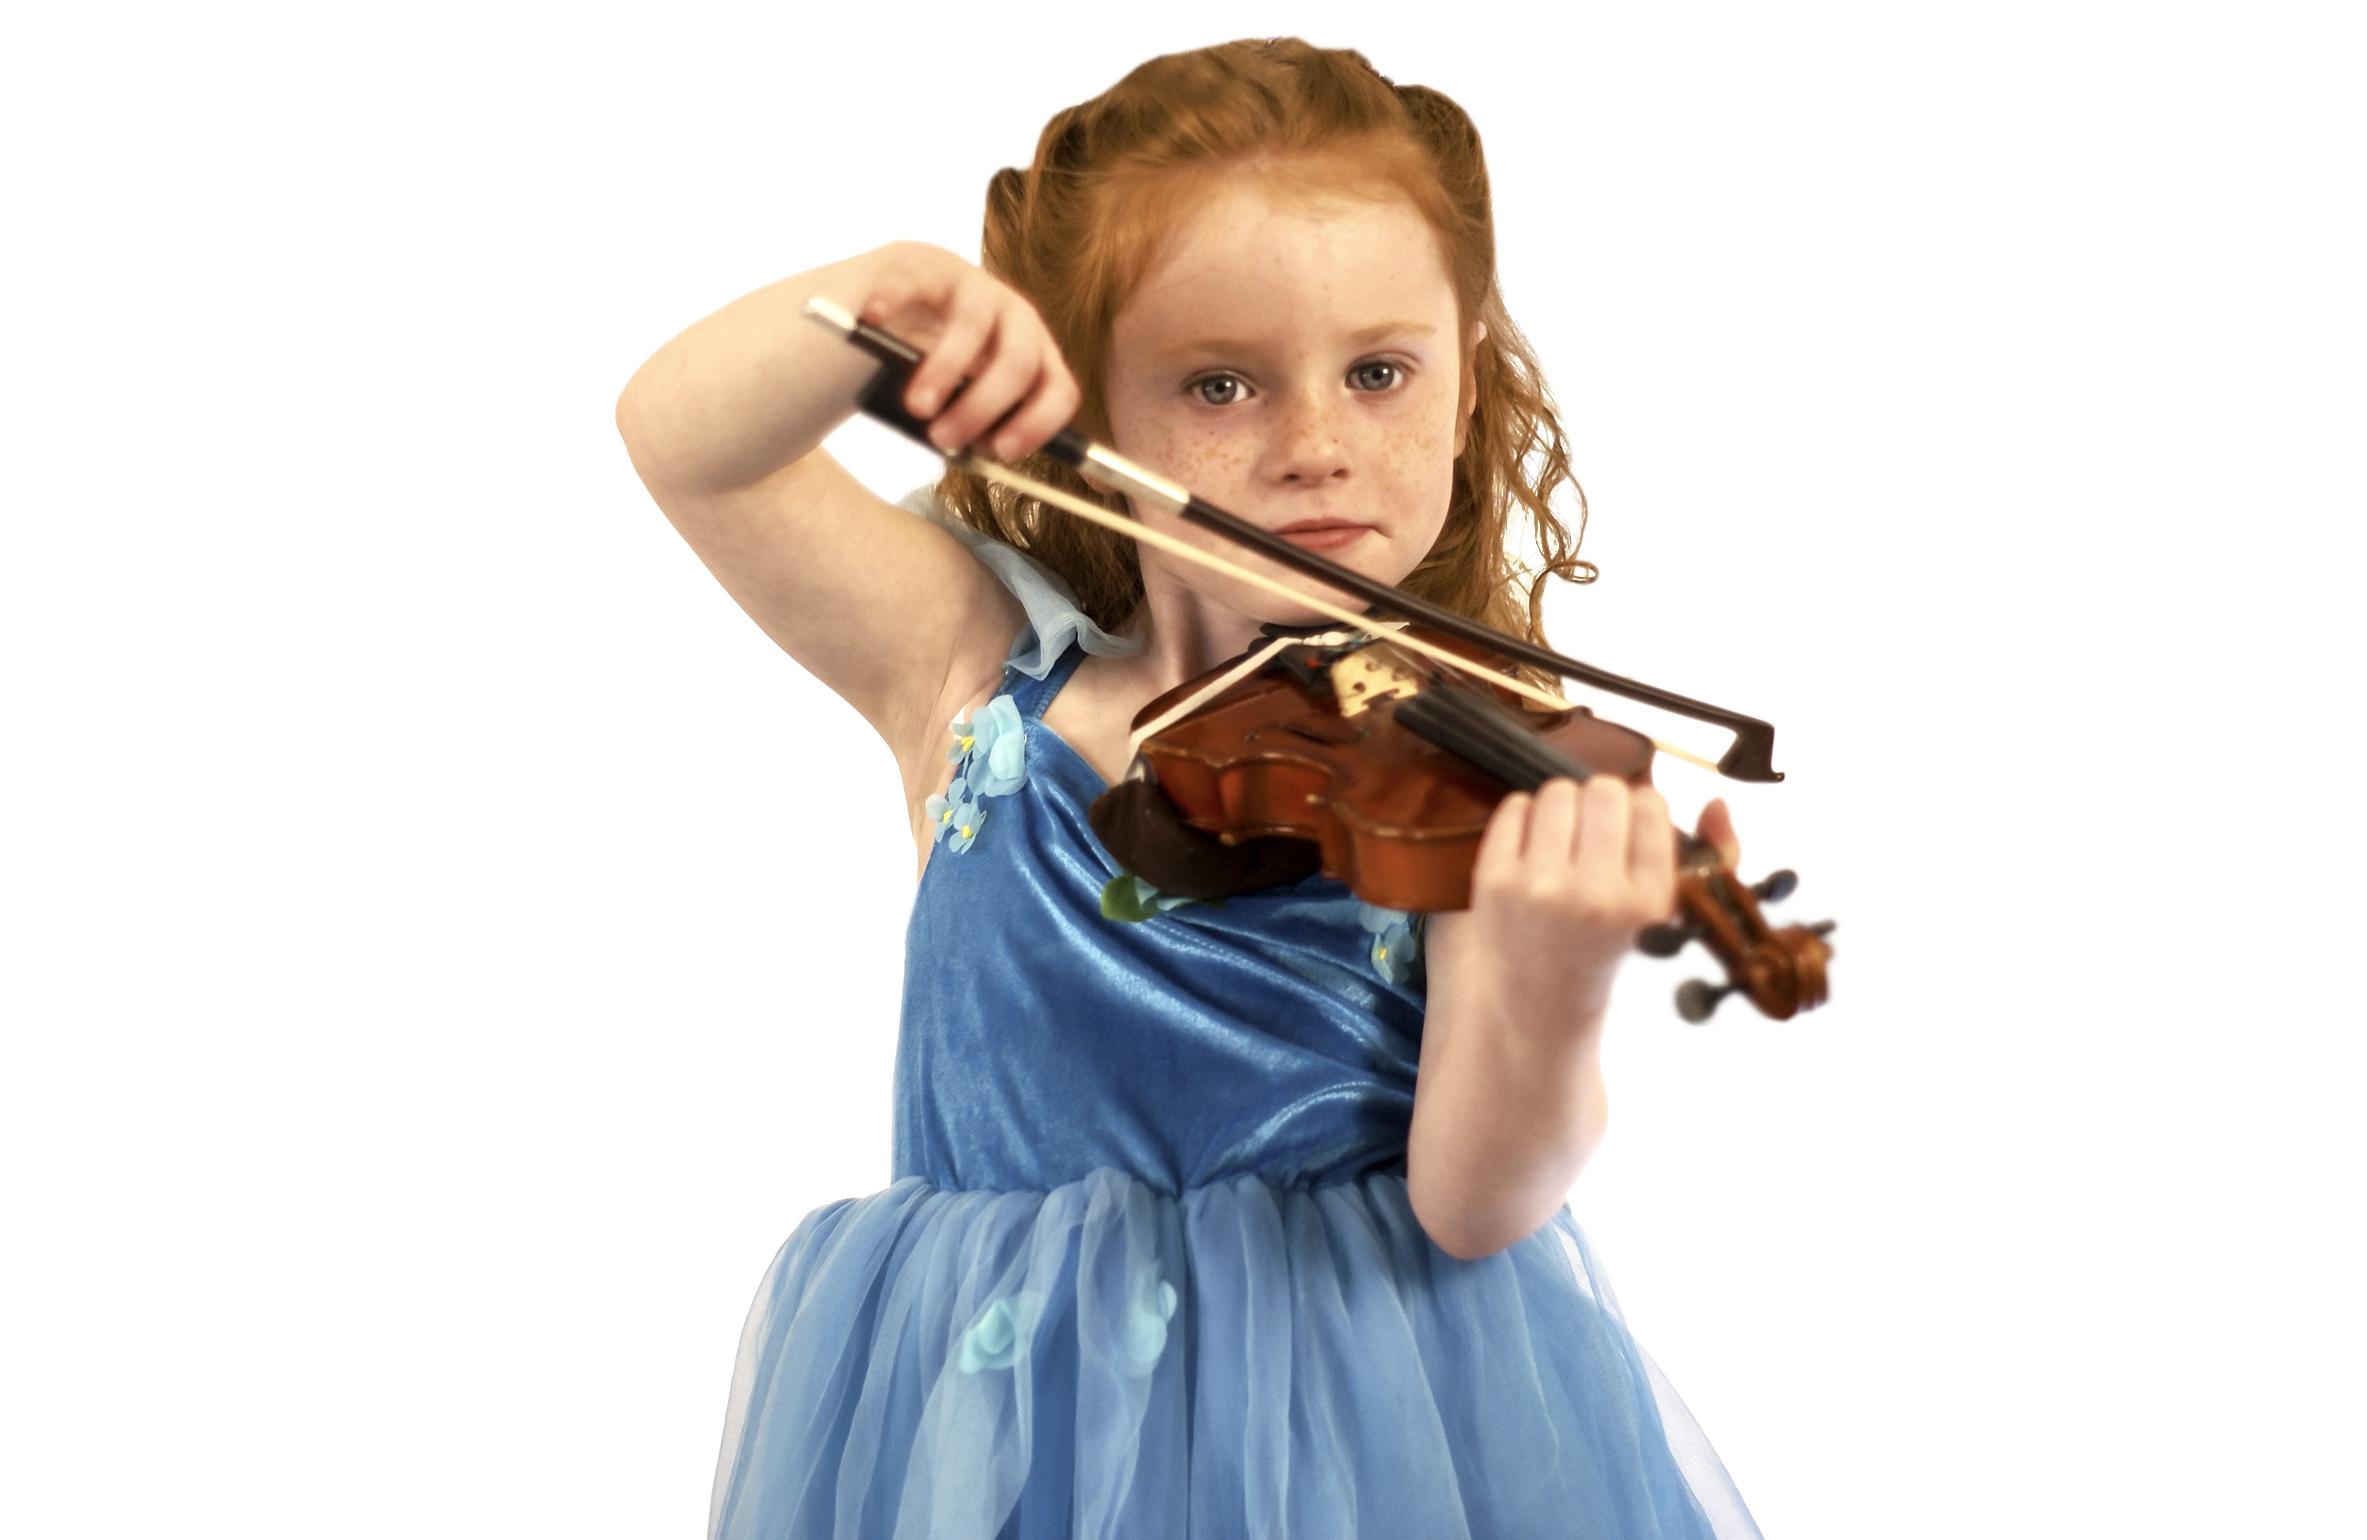 Každý člověk je v něčem výjimečný a potkat výjimečné dítě, to je hned dvojnásobná radost. Pojďme se společně potěšit tím, co dovedou naše ratolesti a dejme jim šanci ukázat světu, co v nich je. Dům dětí a mládeže TREND Roudnice n. L. se rozhodl objevit Podřipský talent. Stejné jméno nese i soutěž, která si klade […]